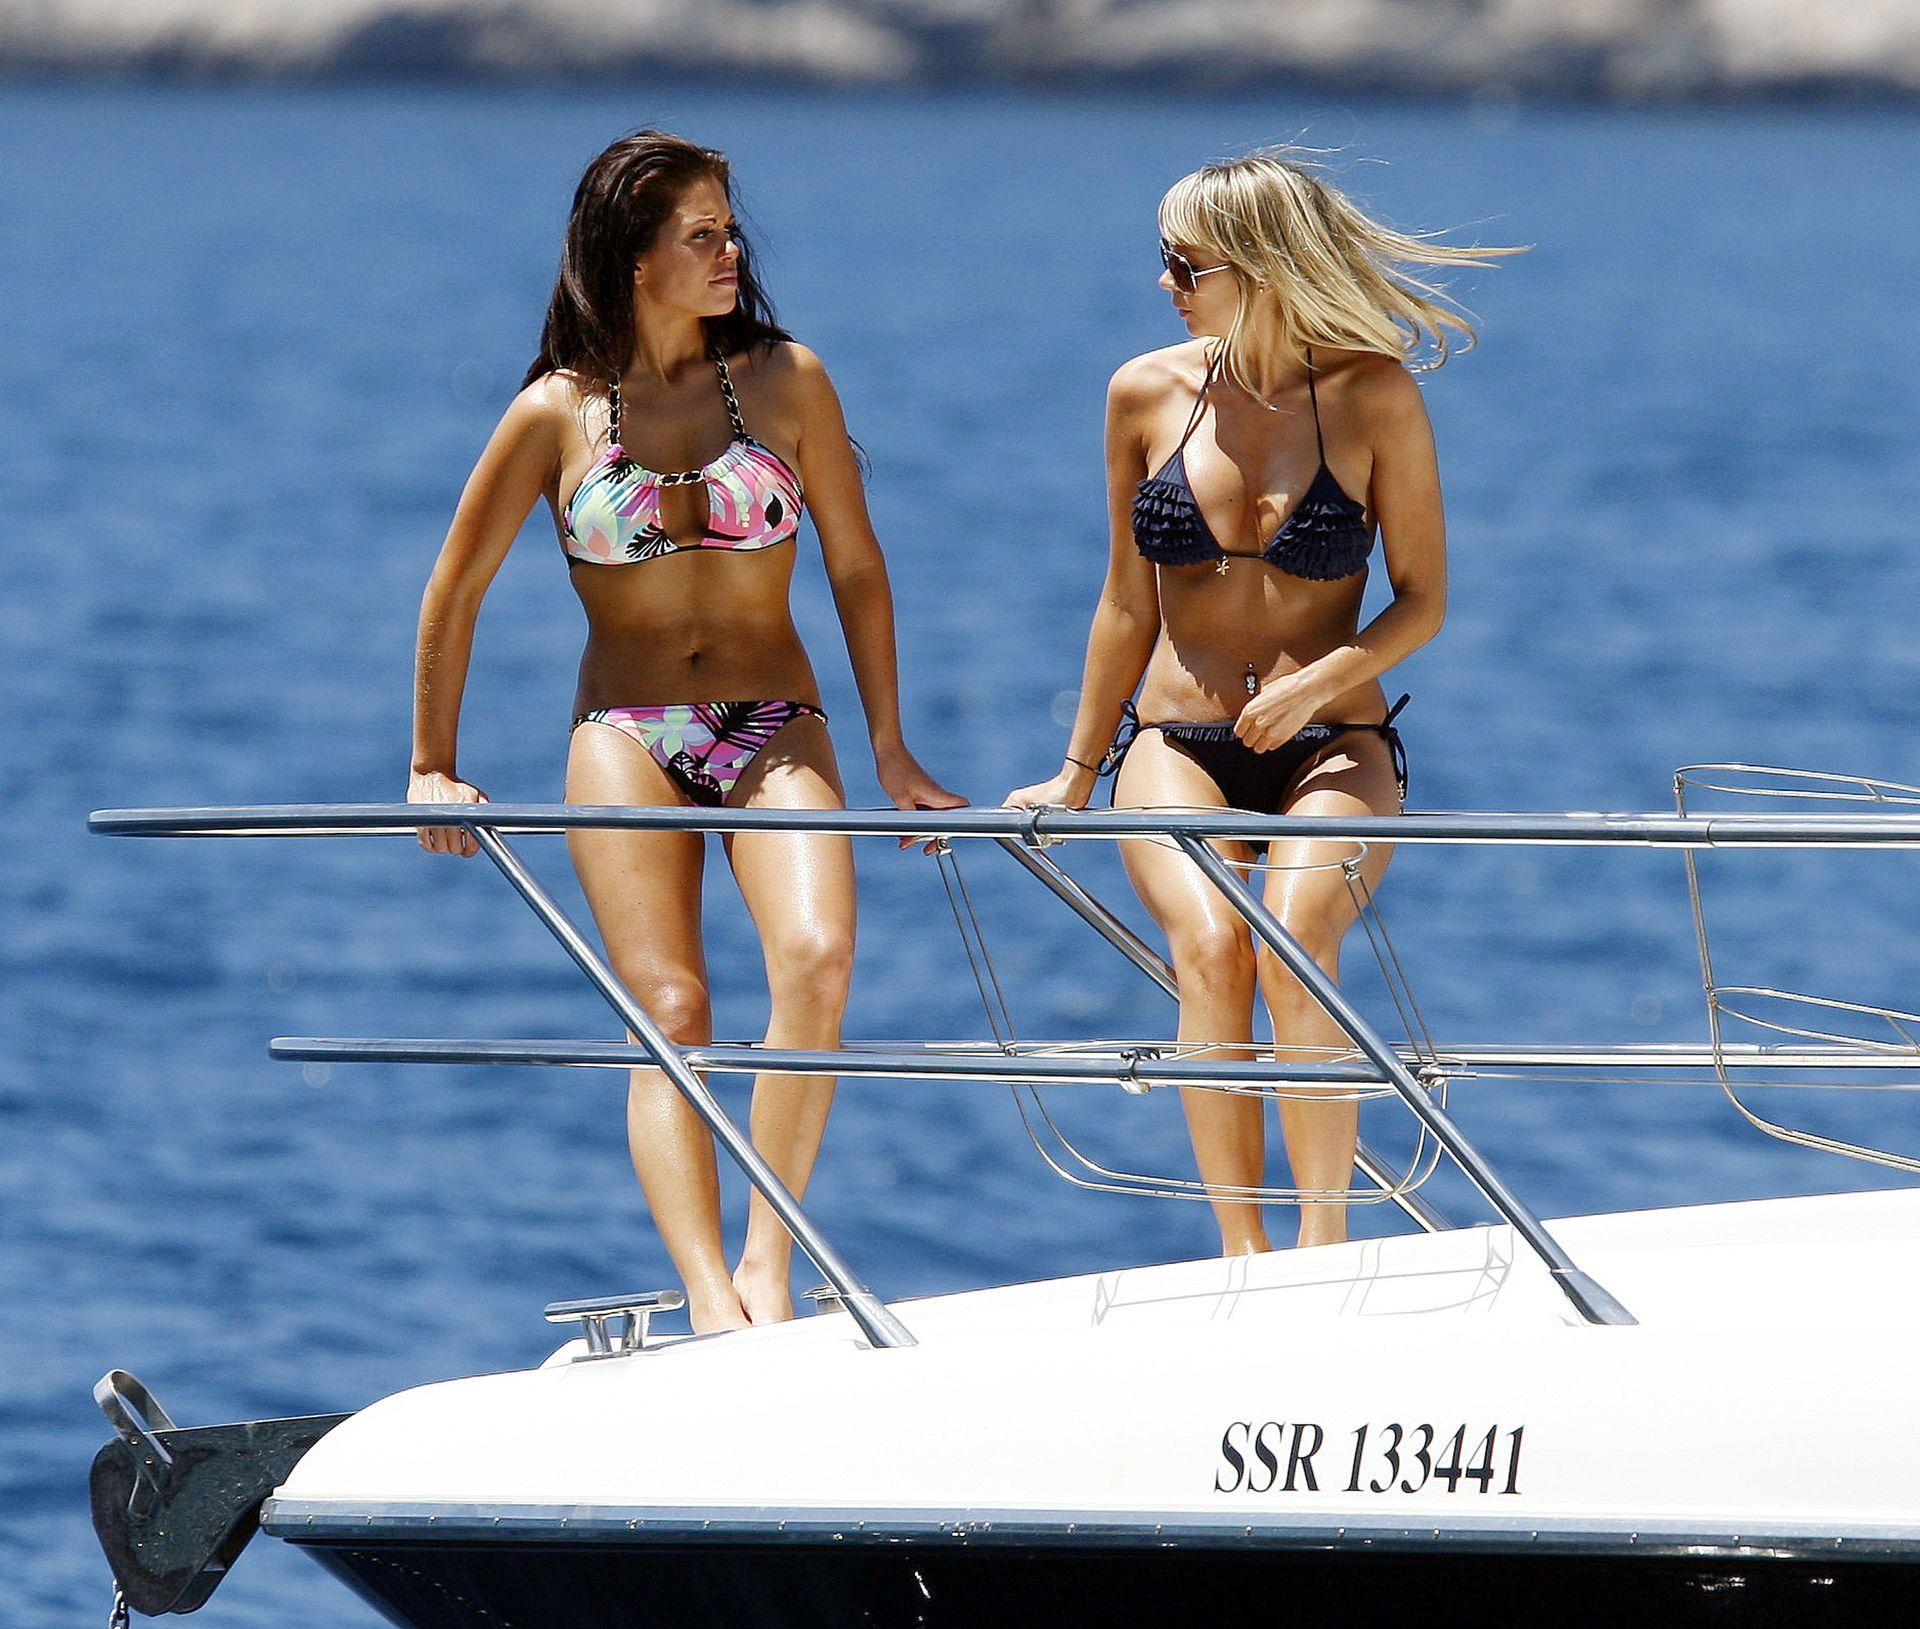 bianca-gascoigne-nude-sexy-28-thefappeningblog.com_.jpg